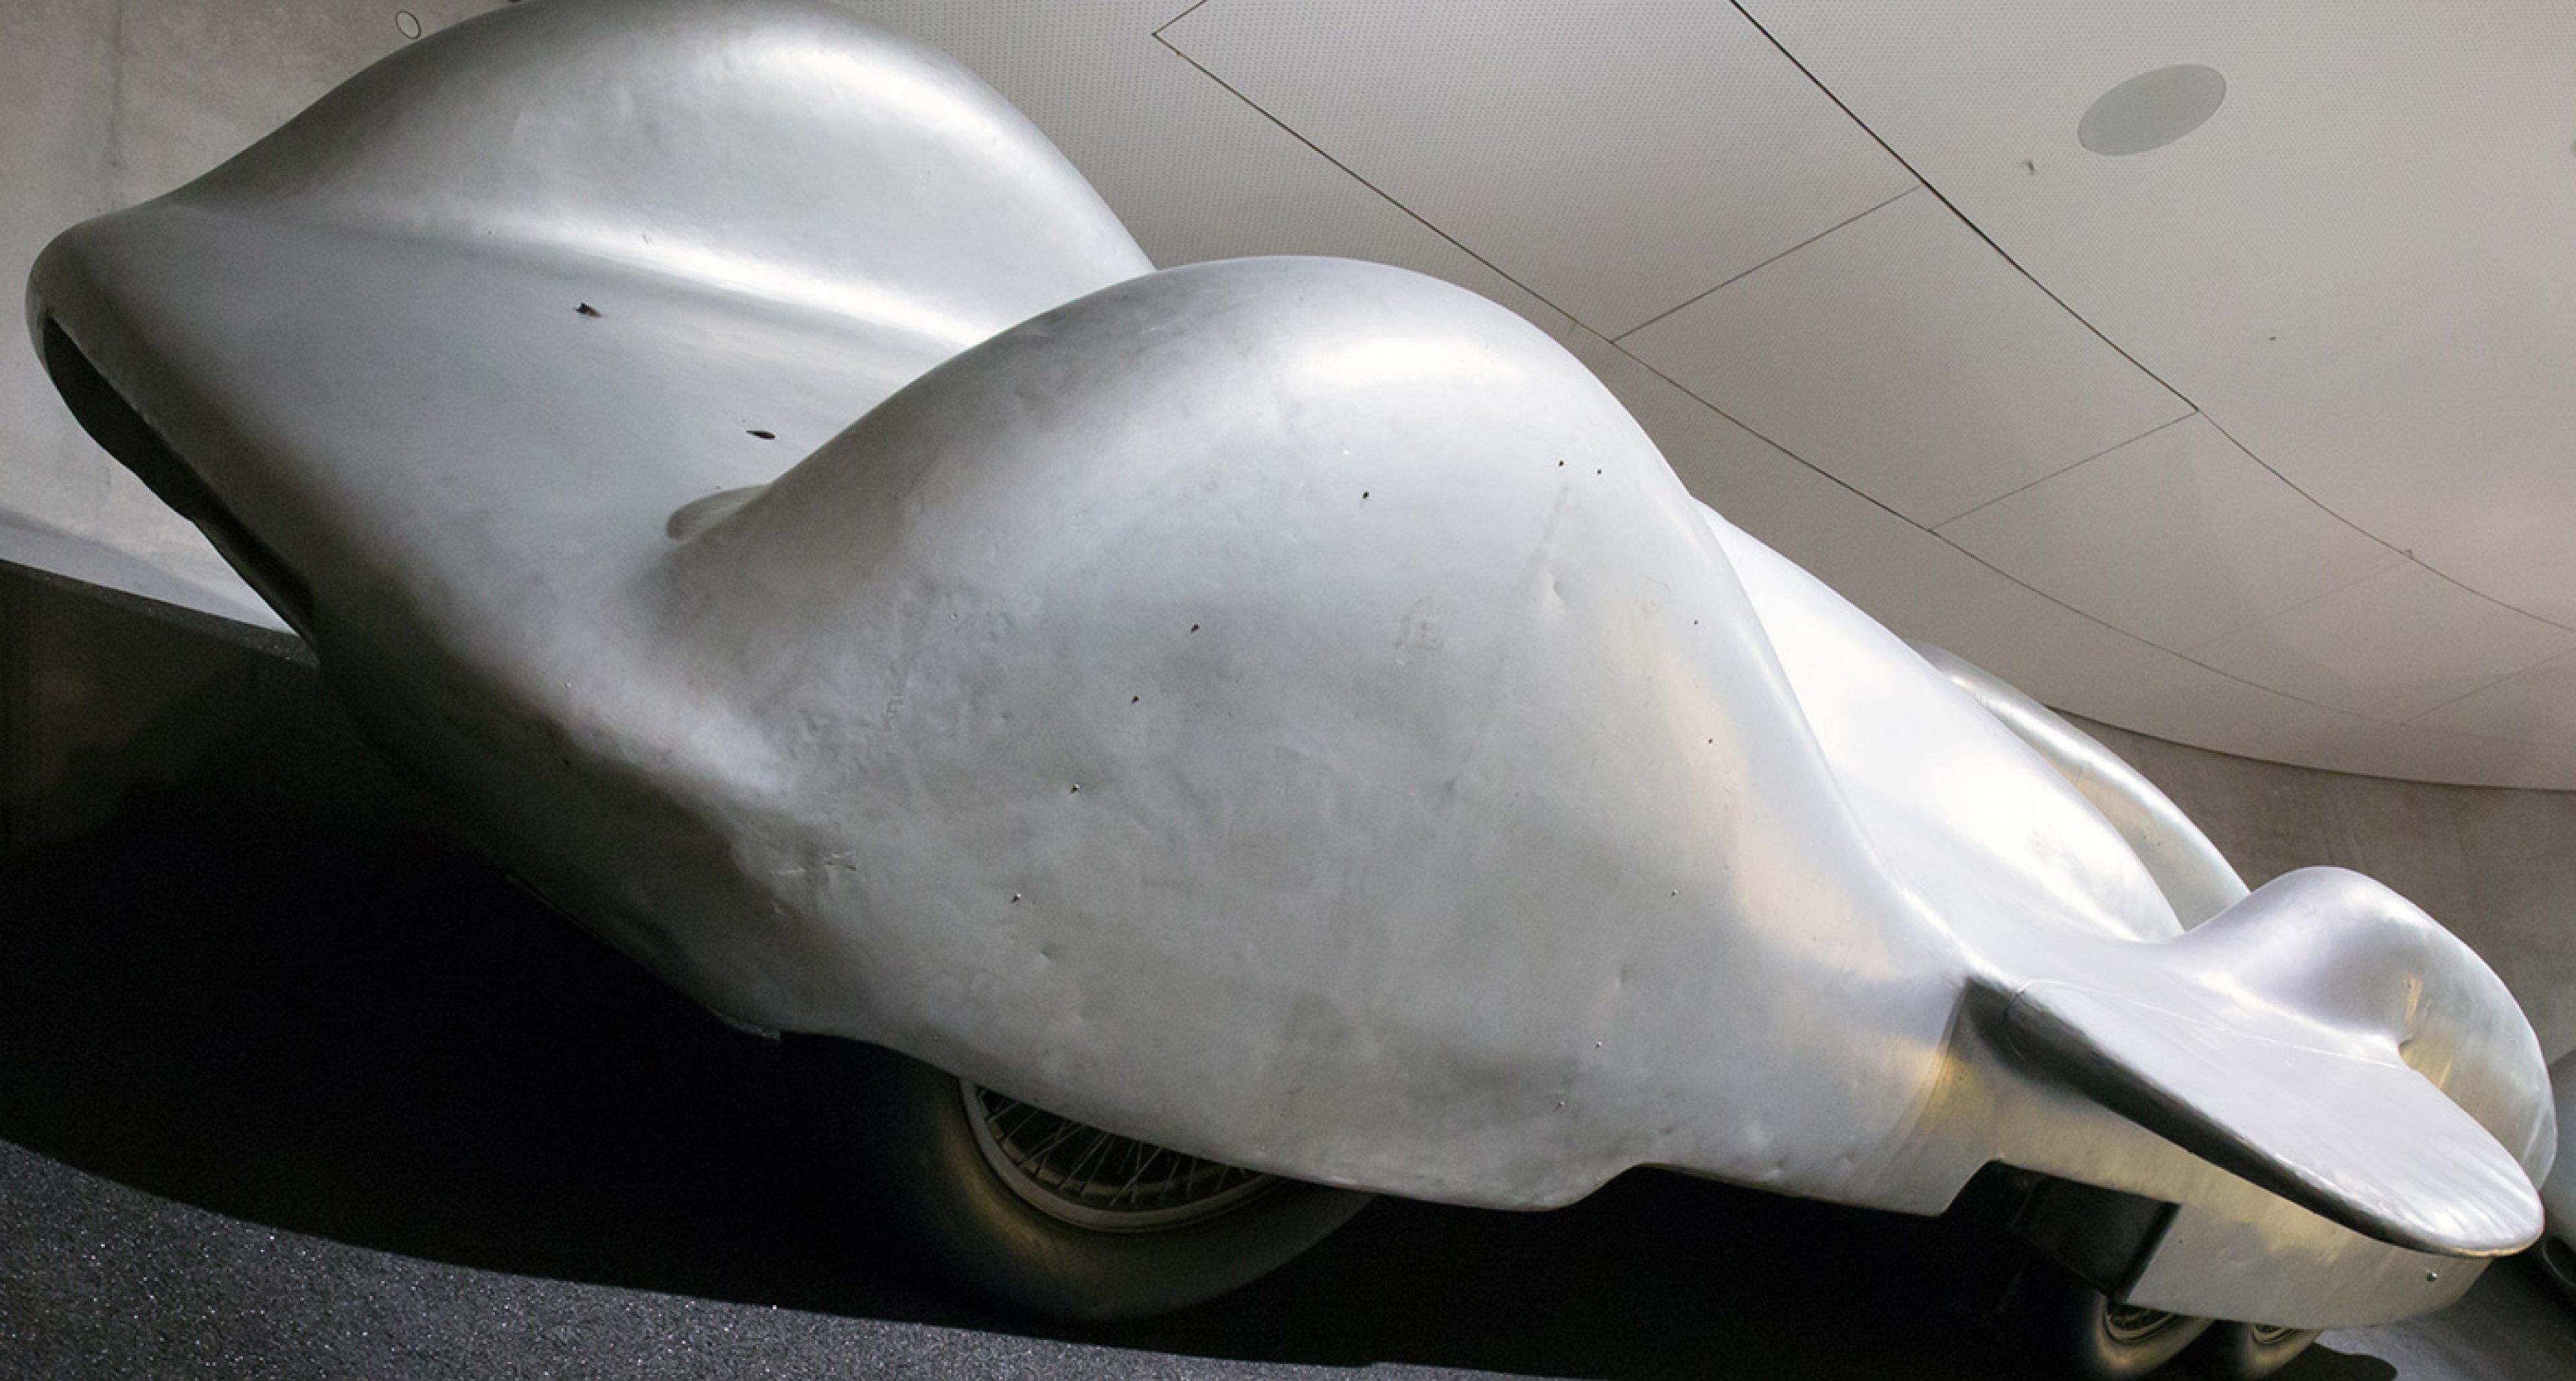 The Ferdinand Porsche-engineered Mercedes T80 Land Speed Record challenger